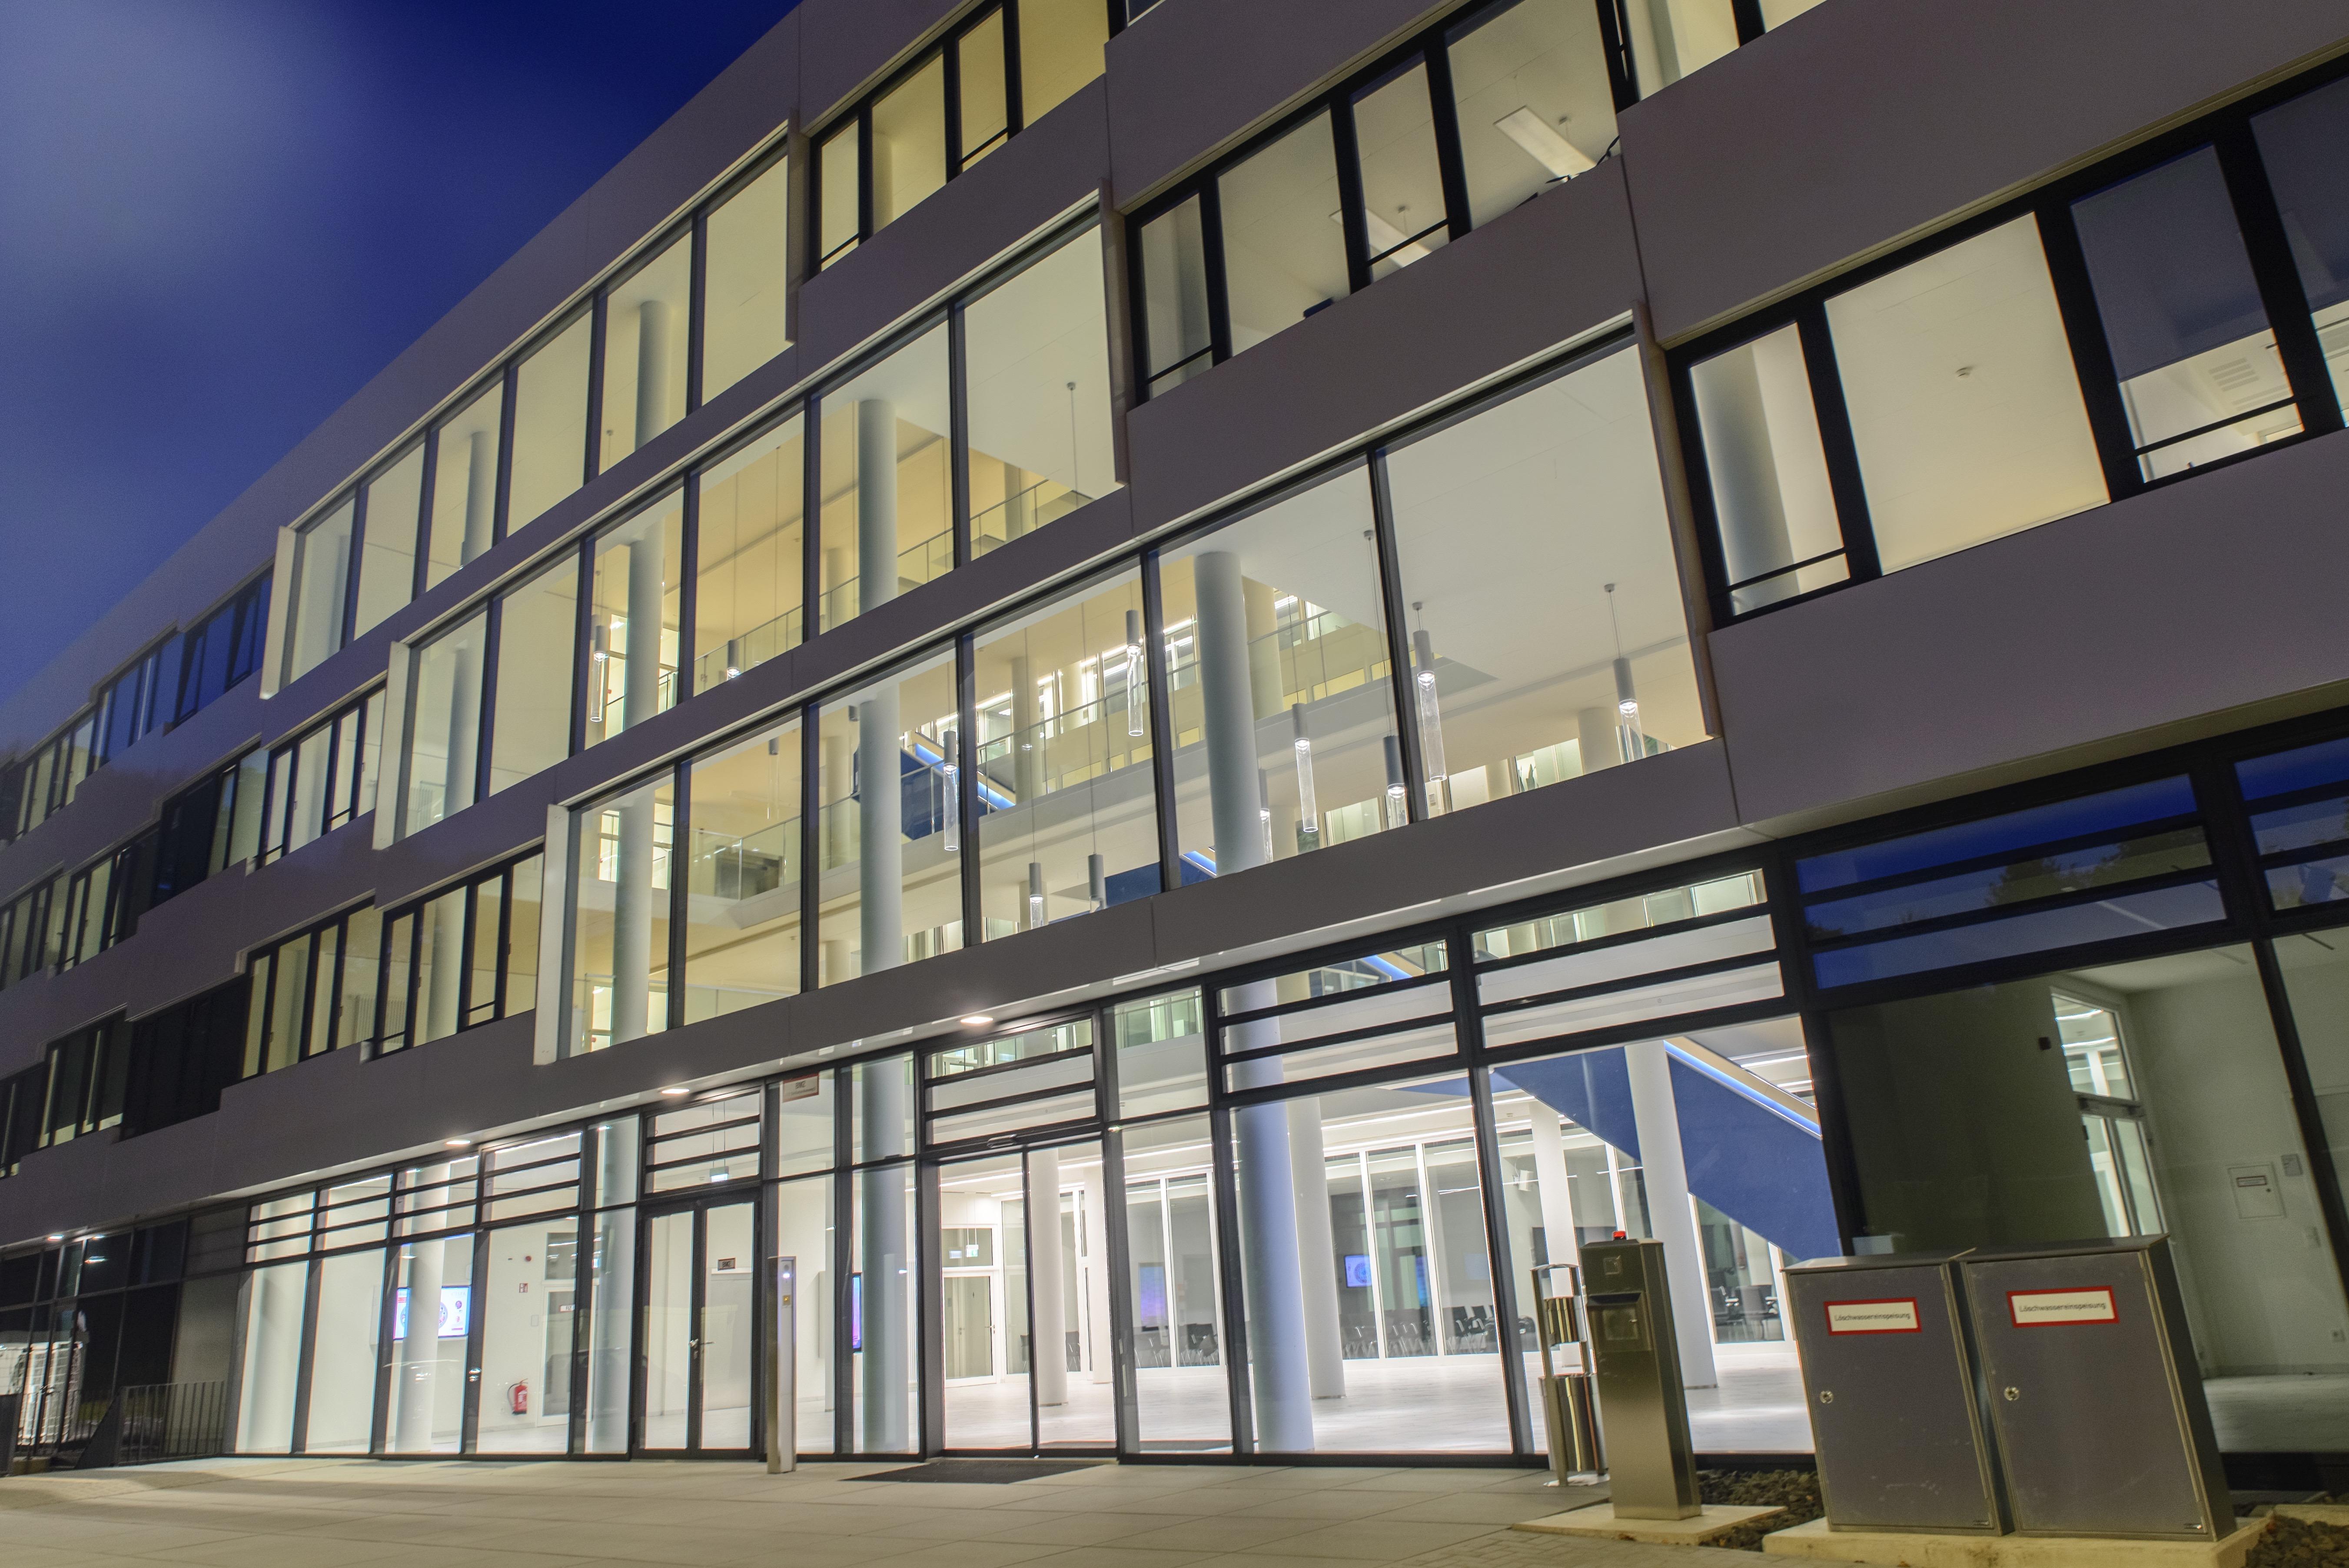 Von der Saar-Uni auf die Cebit: Forschungszentrum für IT-Sicherheit CISPA stellt seine Forschung vor